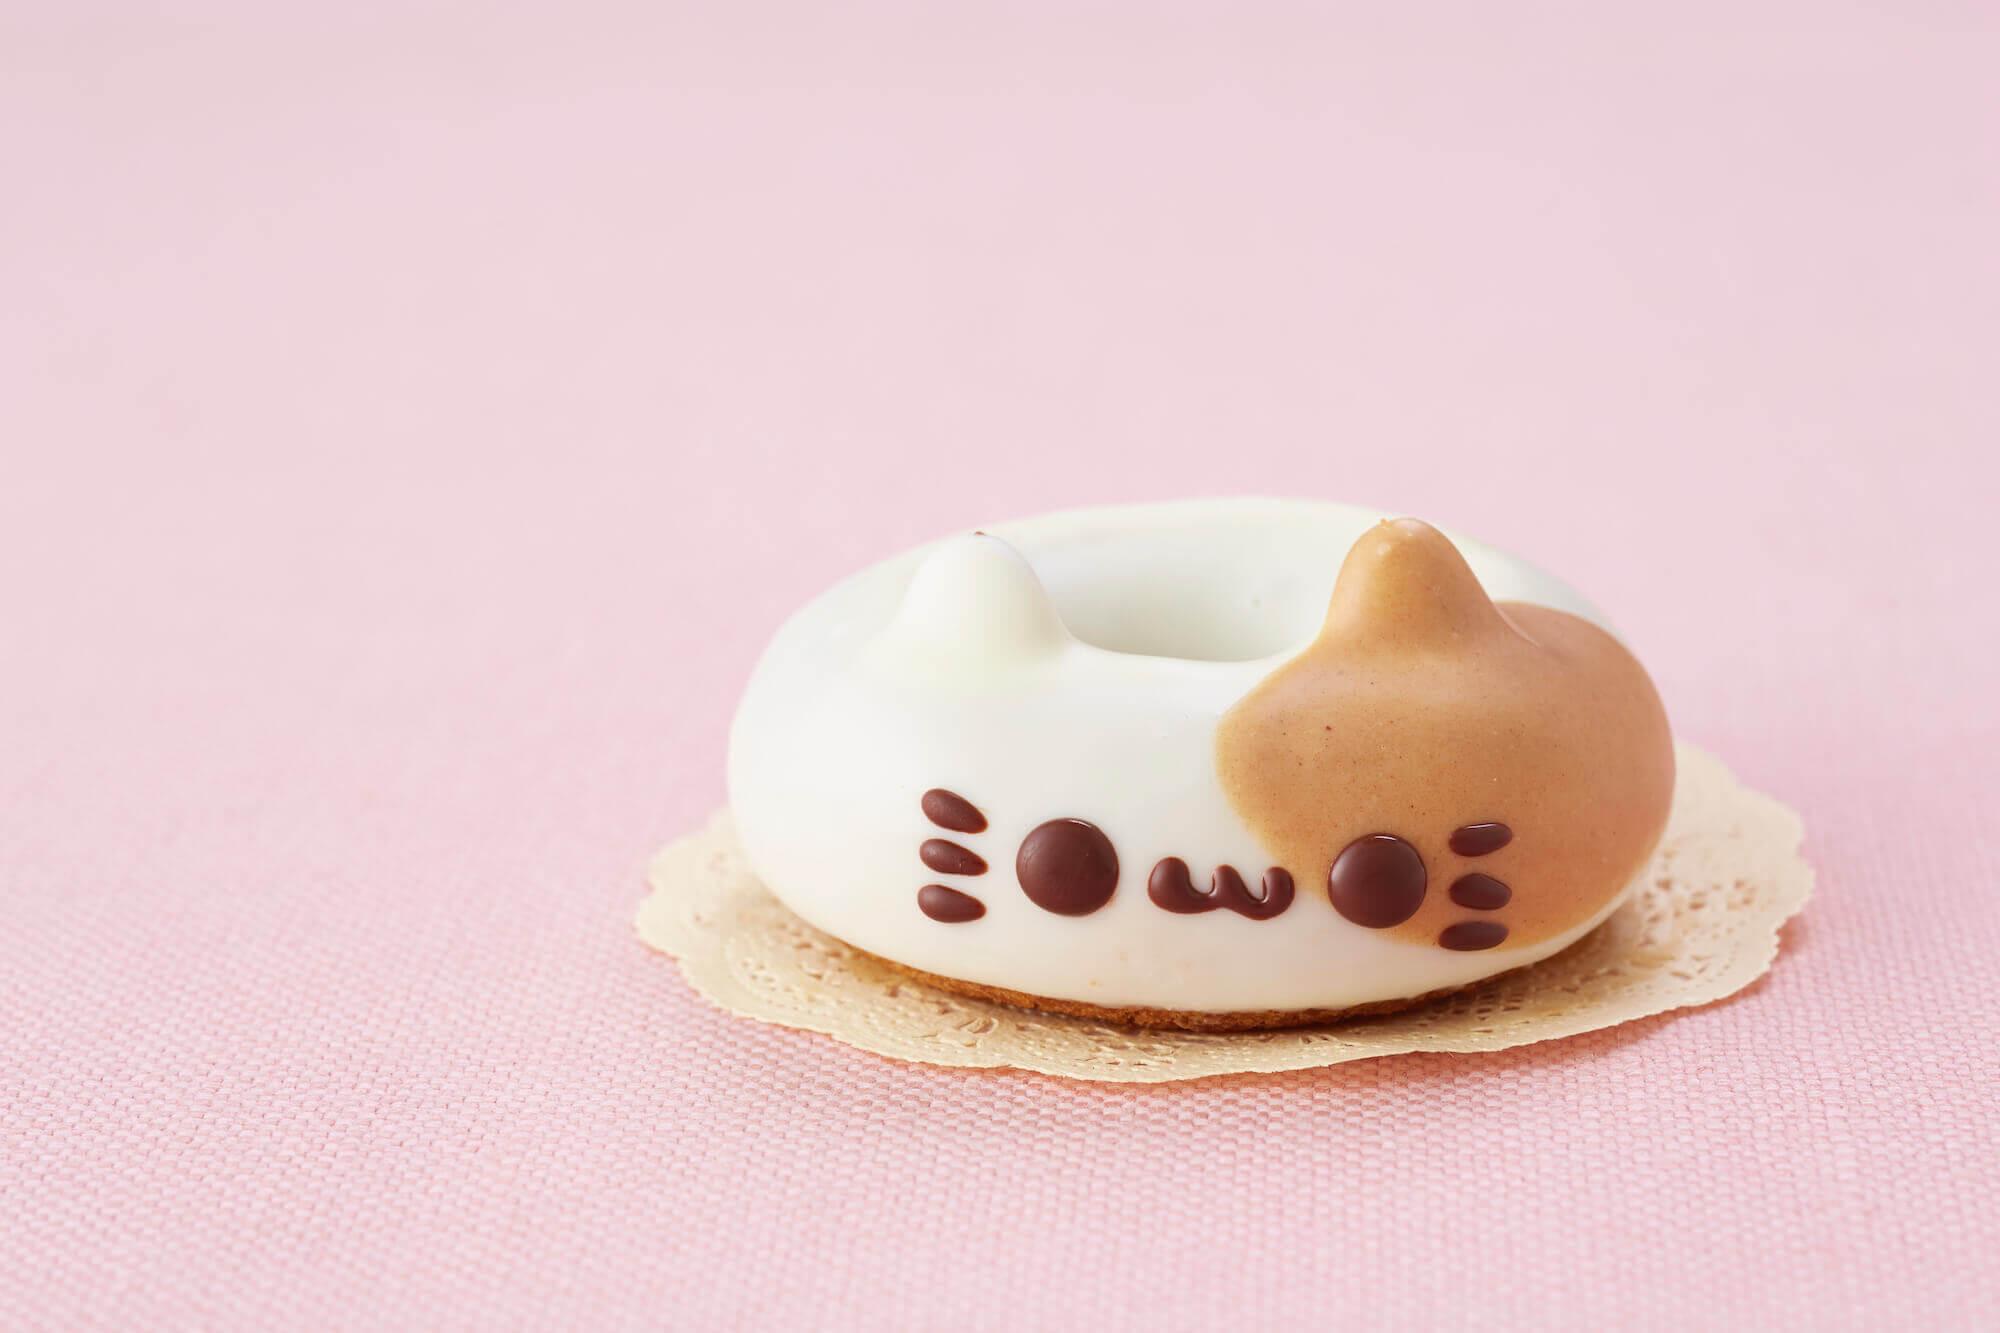 イクミママのどうぶつドーナツ!のこねこのミケ(店頭販売価格)/¥280(税込み)